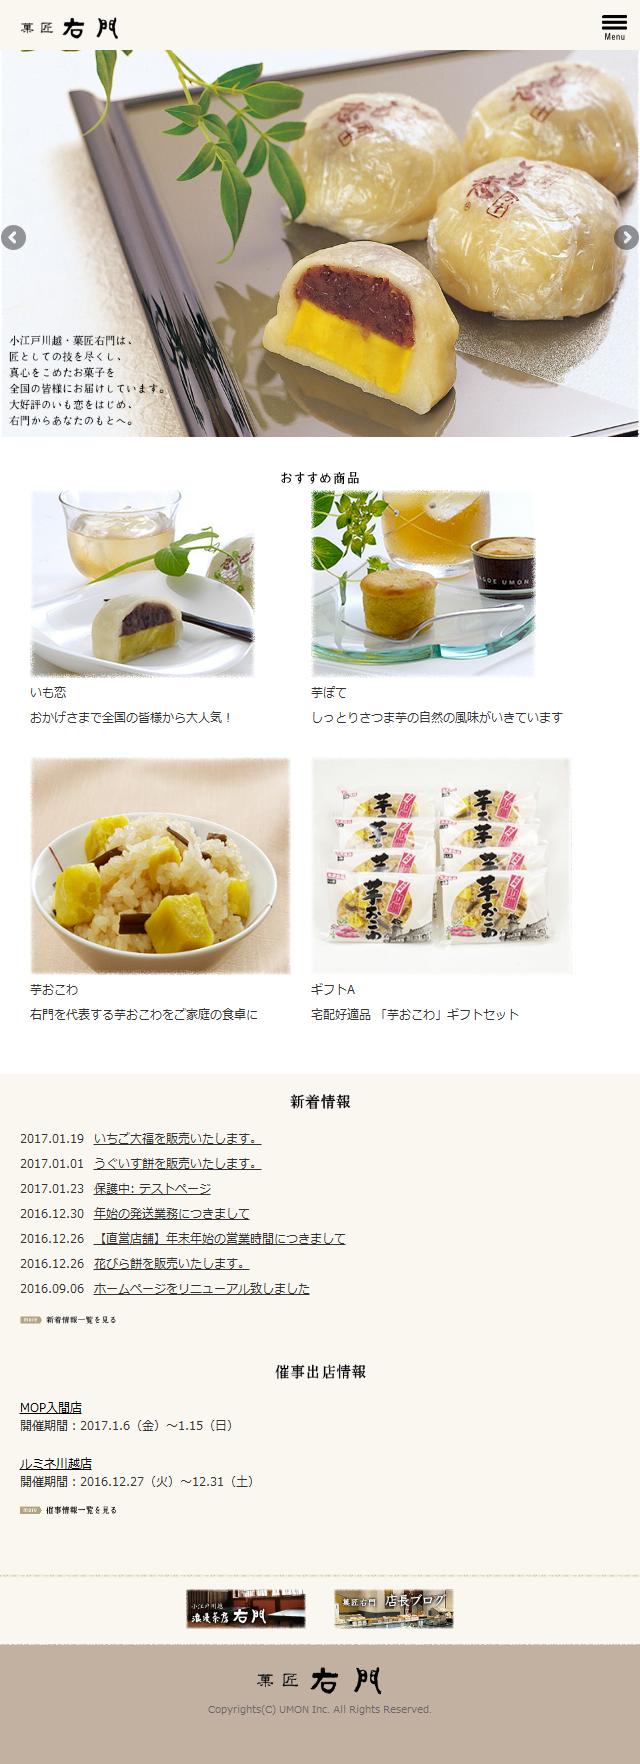 菓匠右門様公式ホームページ_スマホ表示